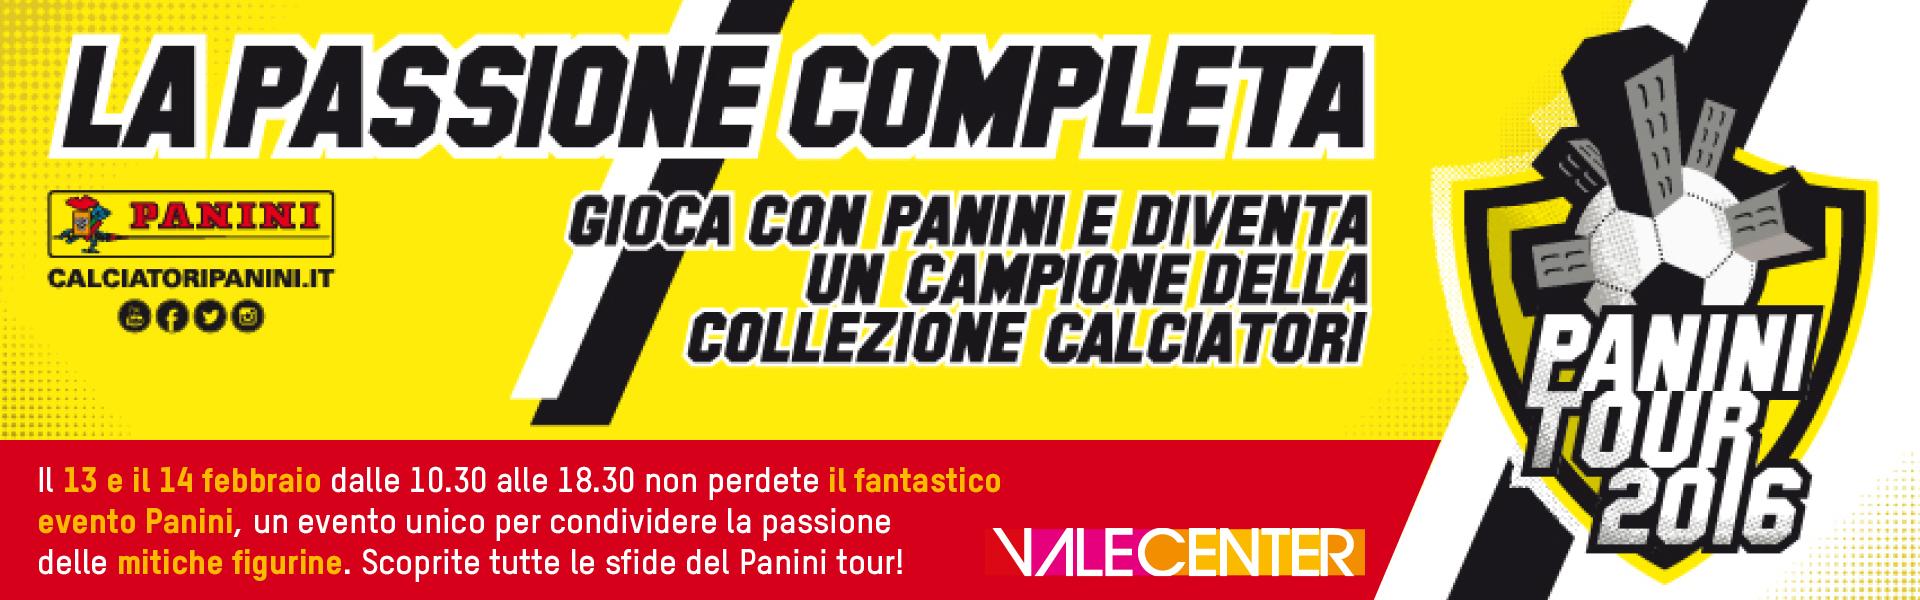 Panini-Sito-1920x600